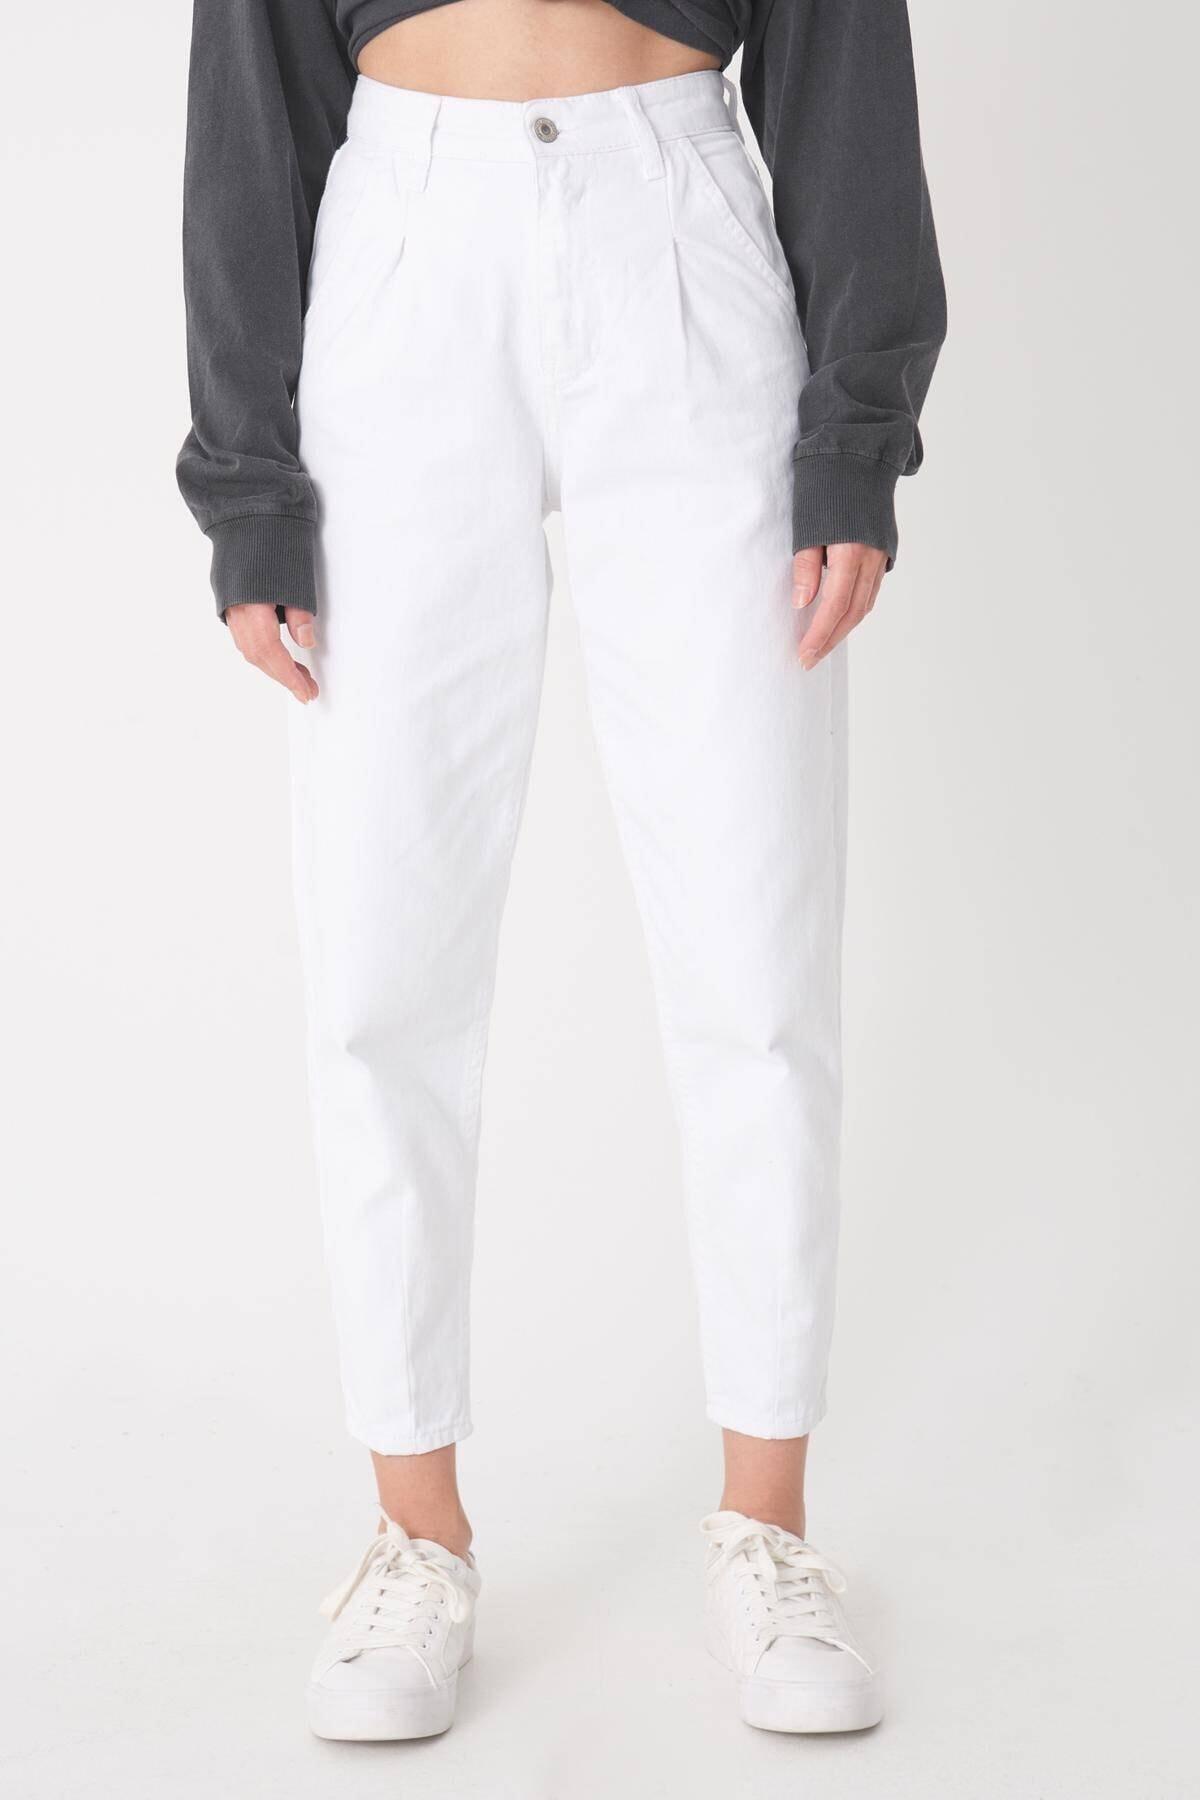 Addax Kadın Beyaz Cep Detaylı Pantolon Pn6895 - Pnh Adx-0000023130 0